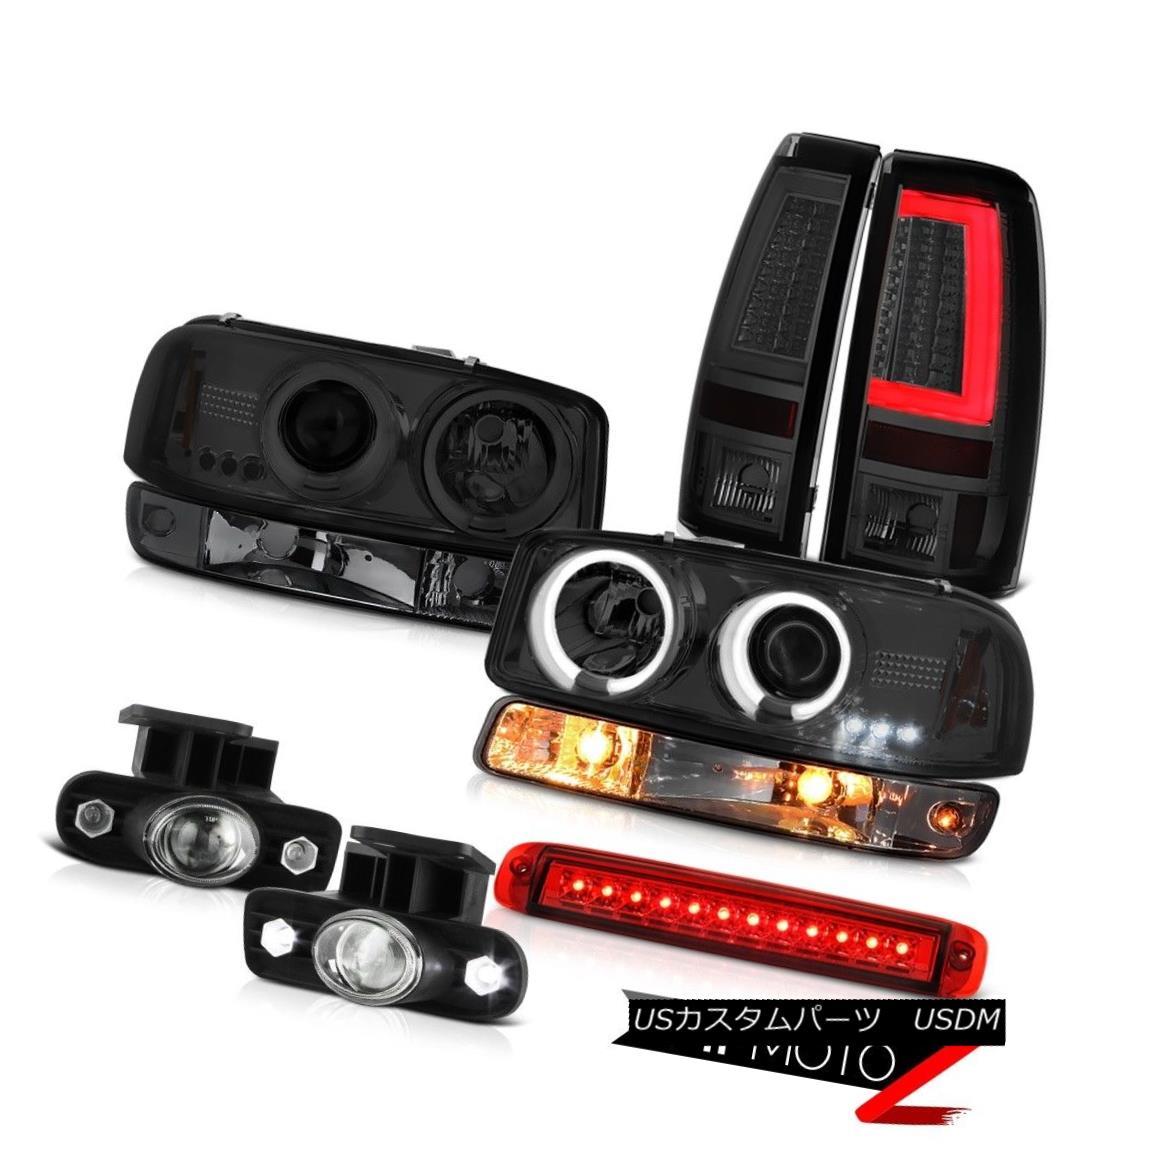 ヘッドライト 99-02 Sierra 4.3L Tail Lamps High Stop Lamp Signal Fog CCFL Headlamps Angel Eyes 99-02 Sierra 4.3LテールランプハイストップランプシグナルフォグCCFLヘッドランプエンジェルアイズ